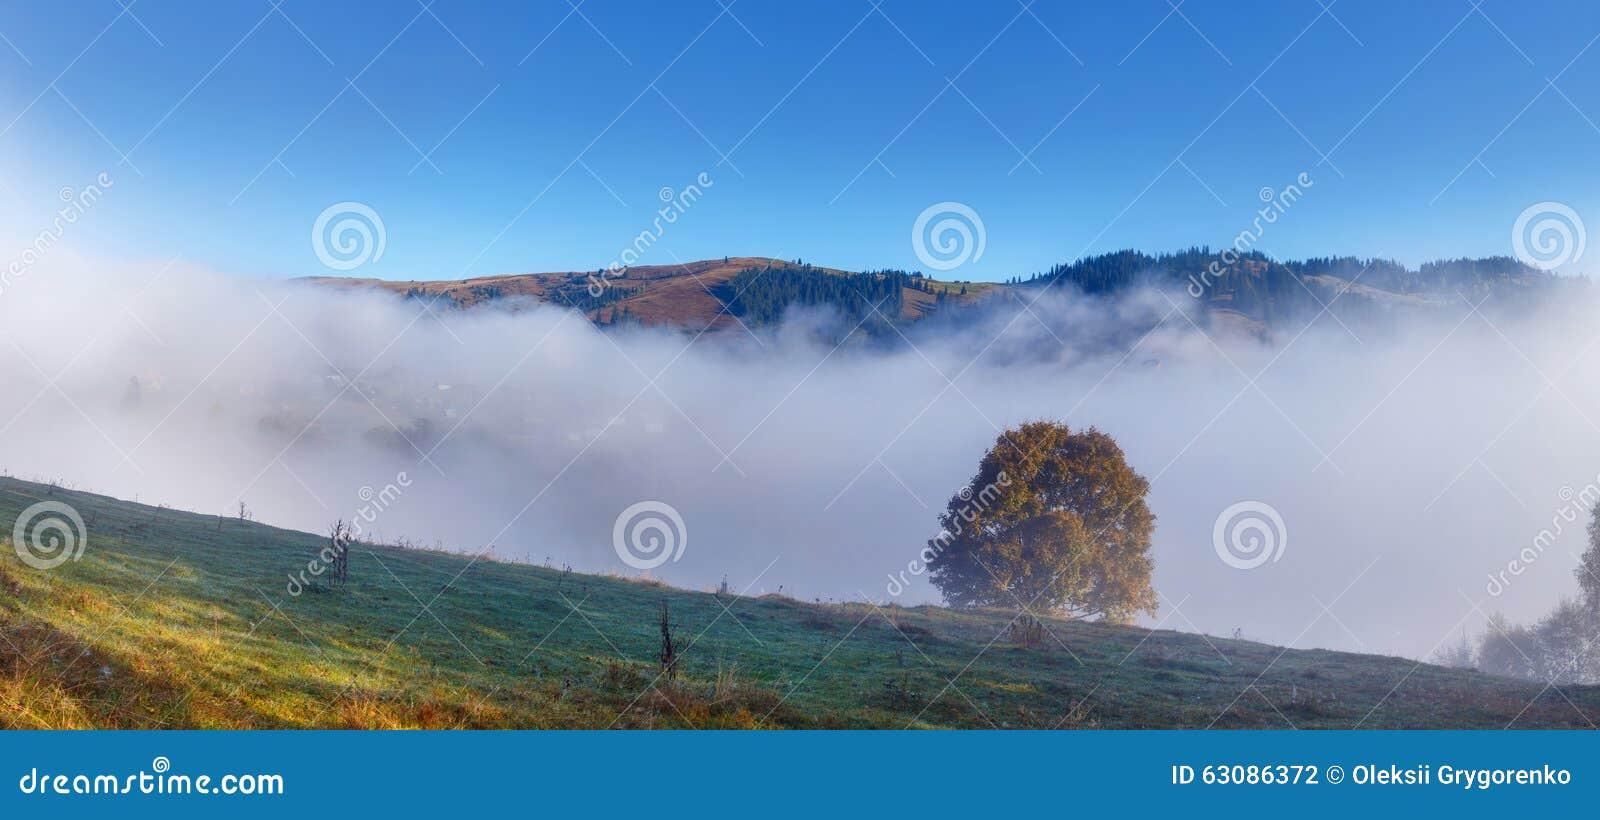 Download Arbre Sur Un Fond De Brouillard Et De Montagne Photo stock - Image du automne, profondément: 63086372